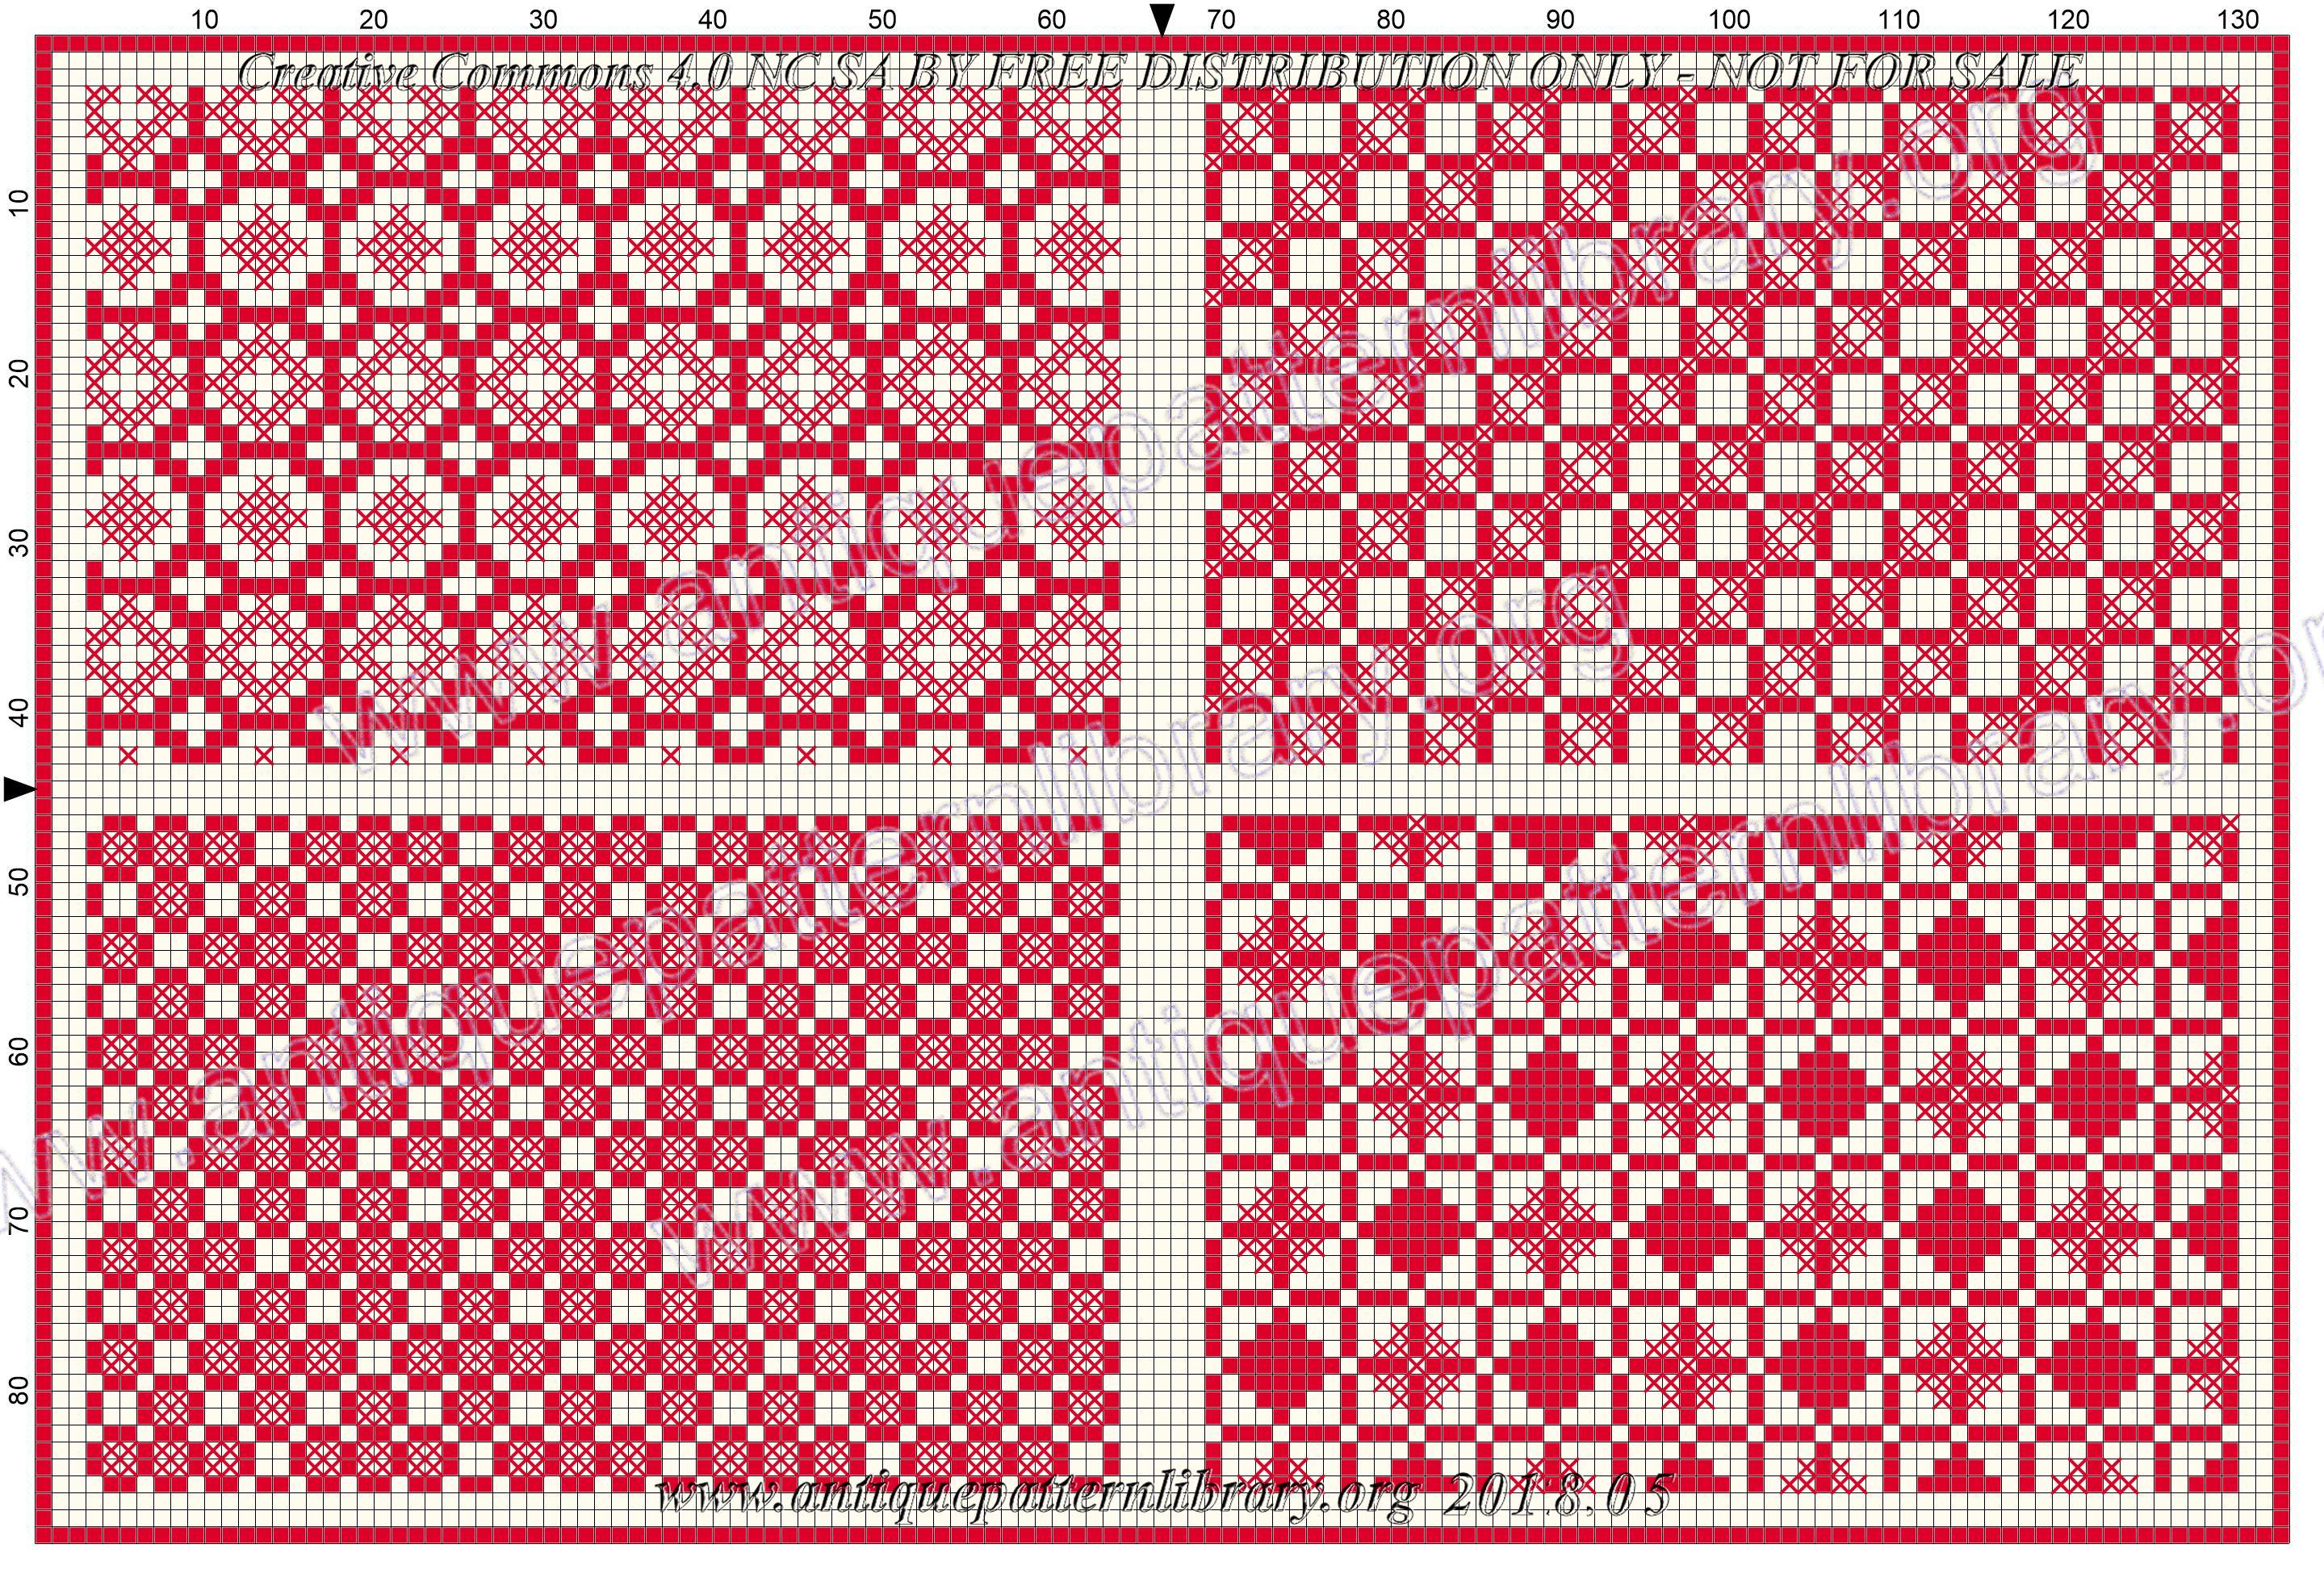 Colorful Häkeln Starbella Schalmuster Crest - Decke Stricken Muster ...